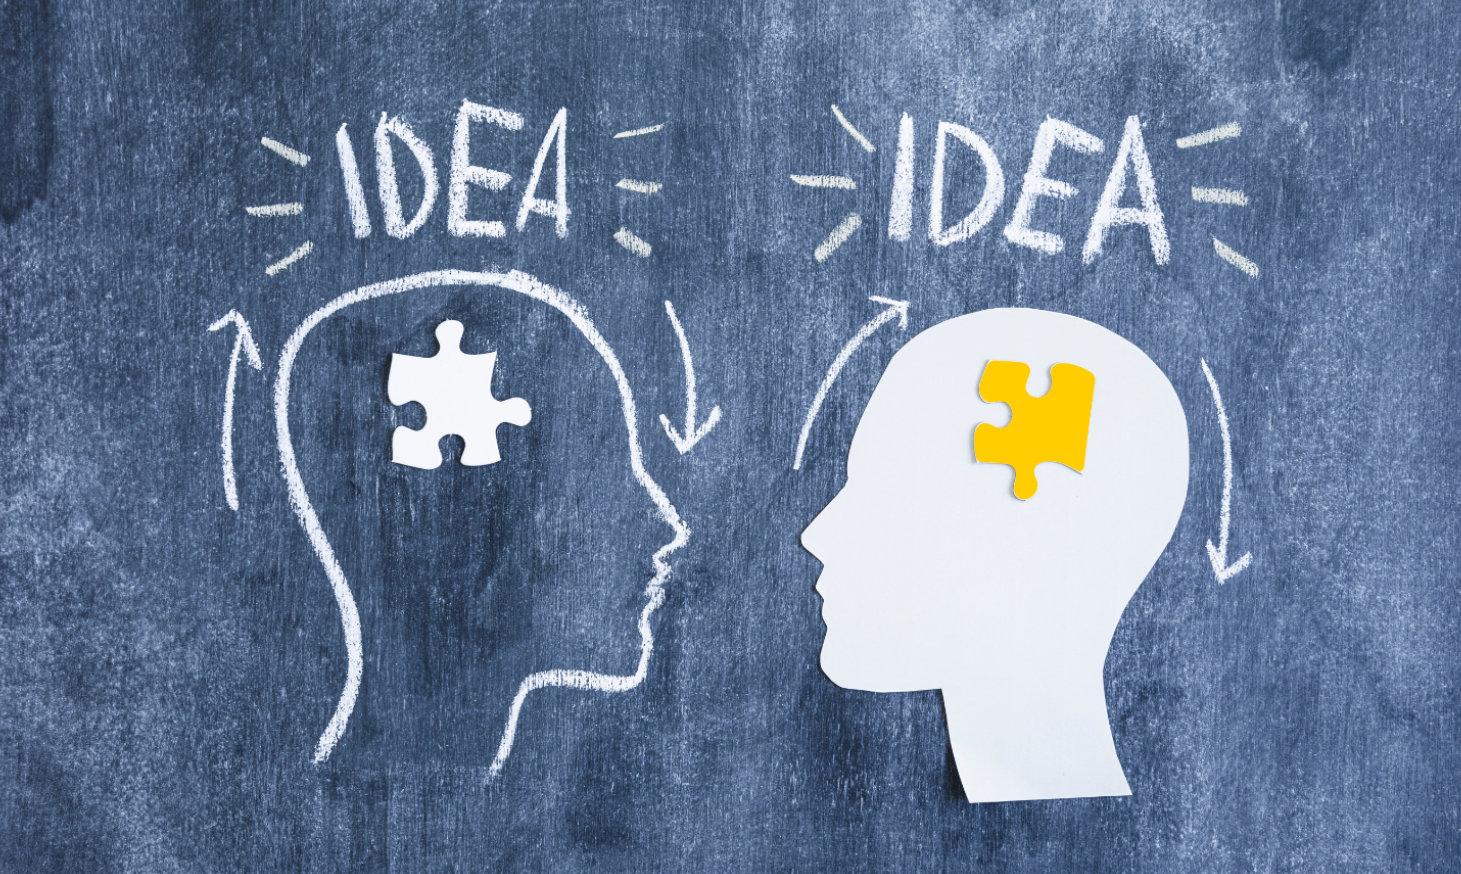 電商為什麼做SEO被認為很困難?明智的創造行銷客流量